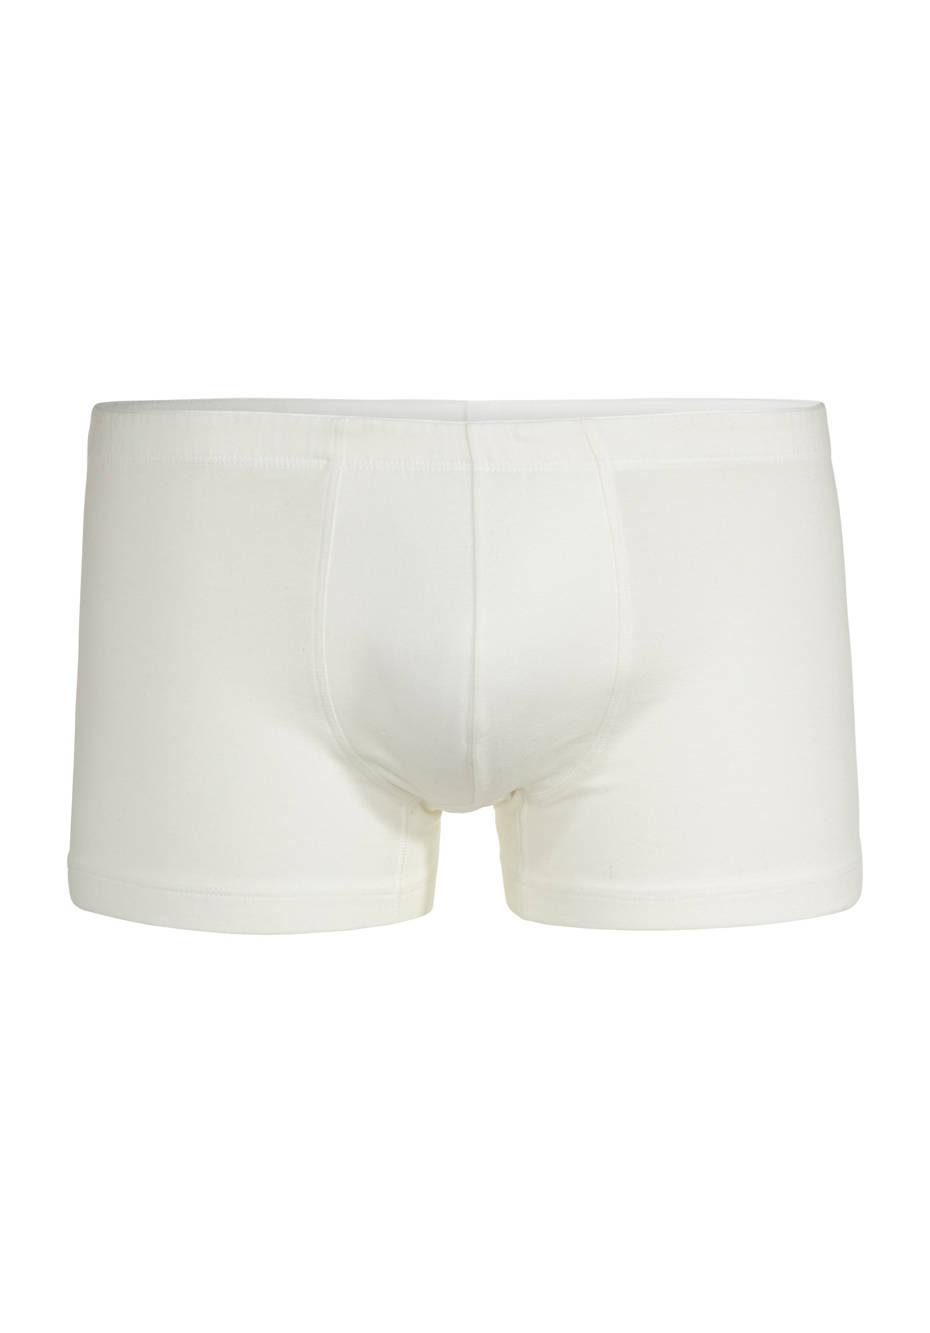 Herren Pants PureLUX im 2er Set aus Bio-Baumwolle